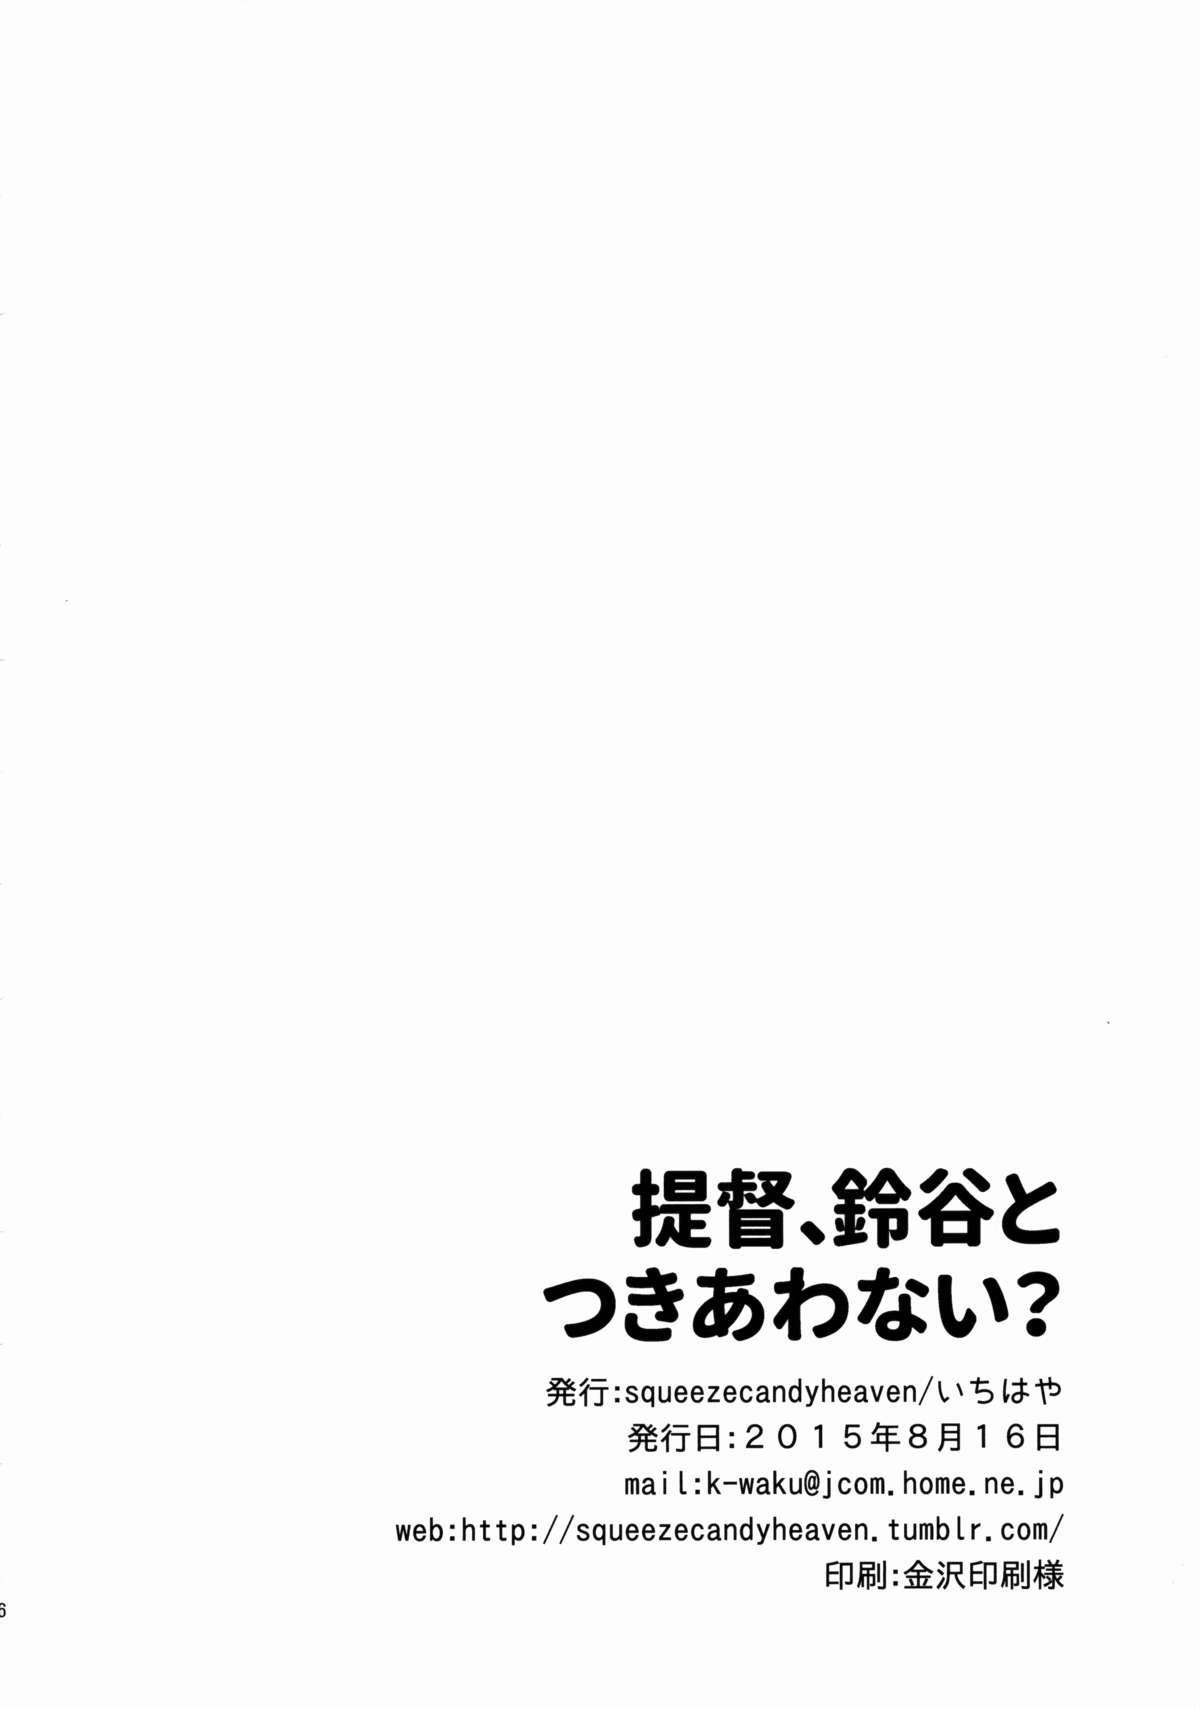 Teitoku, Suzuya to Tsukiawanai? 24